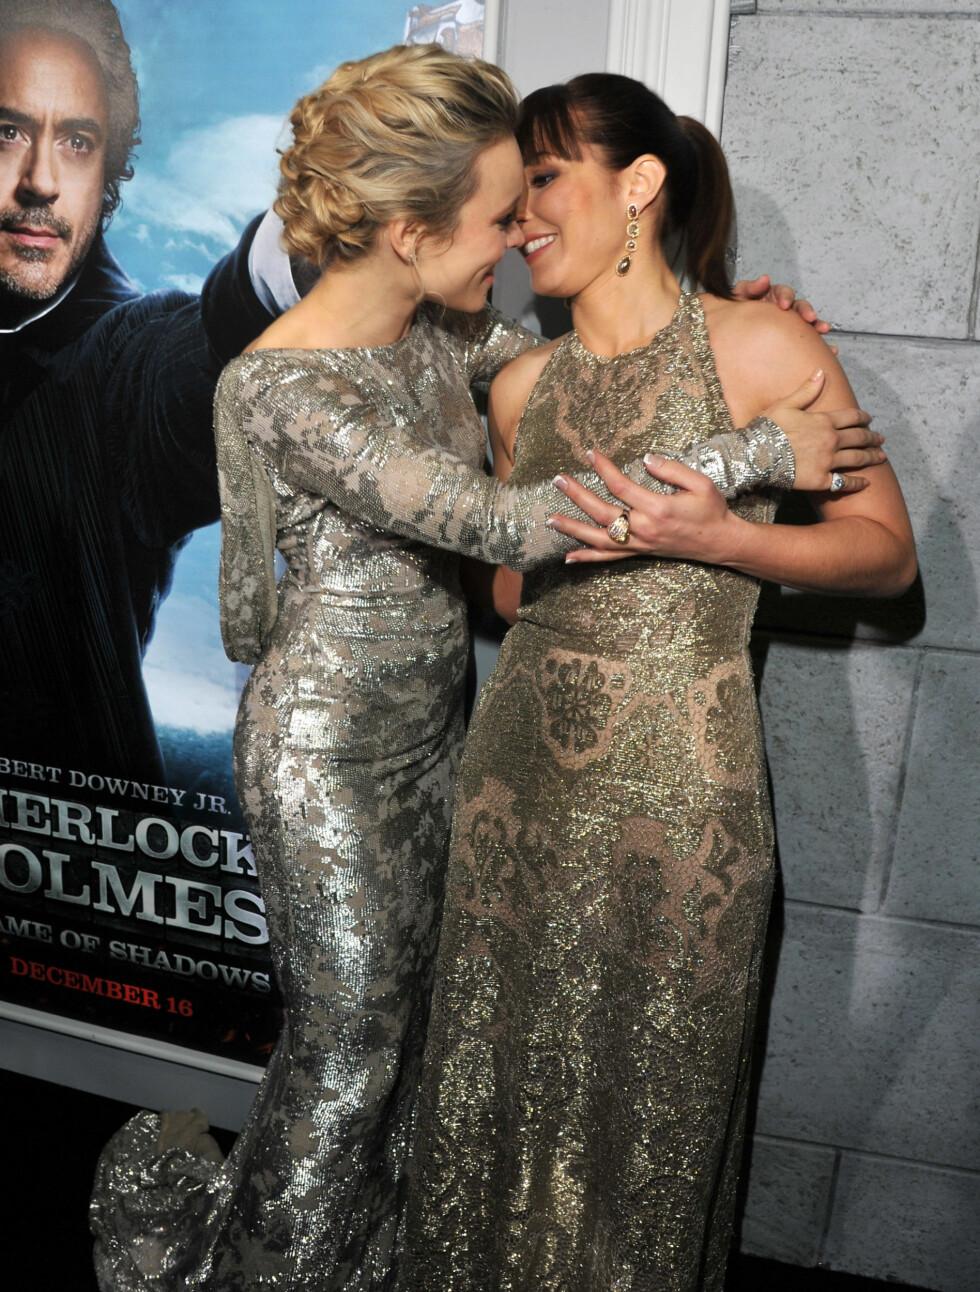 GODE VENNER: Rachel McAdams og Noomi Rapace stilte i matchende kjoler på filmpremieren i Los Angeles, men så ut til å komme svært godt overens på tross av kjolekræsj.  Foto: All Over Press